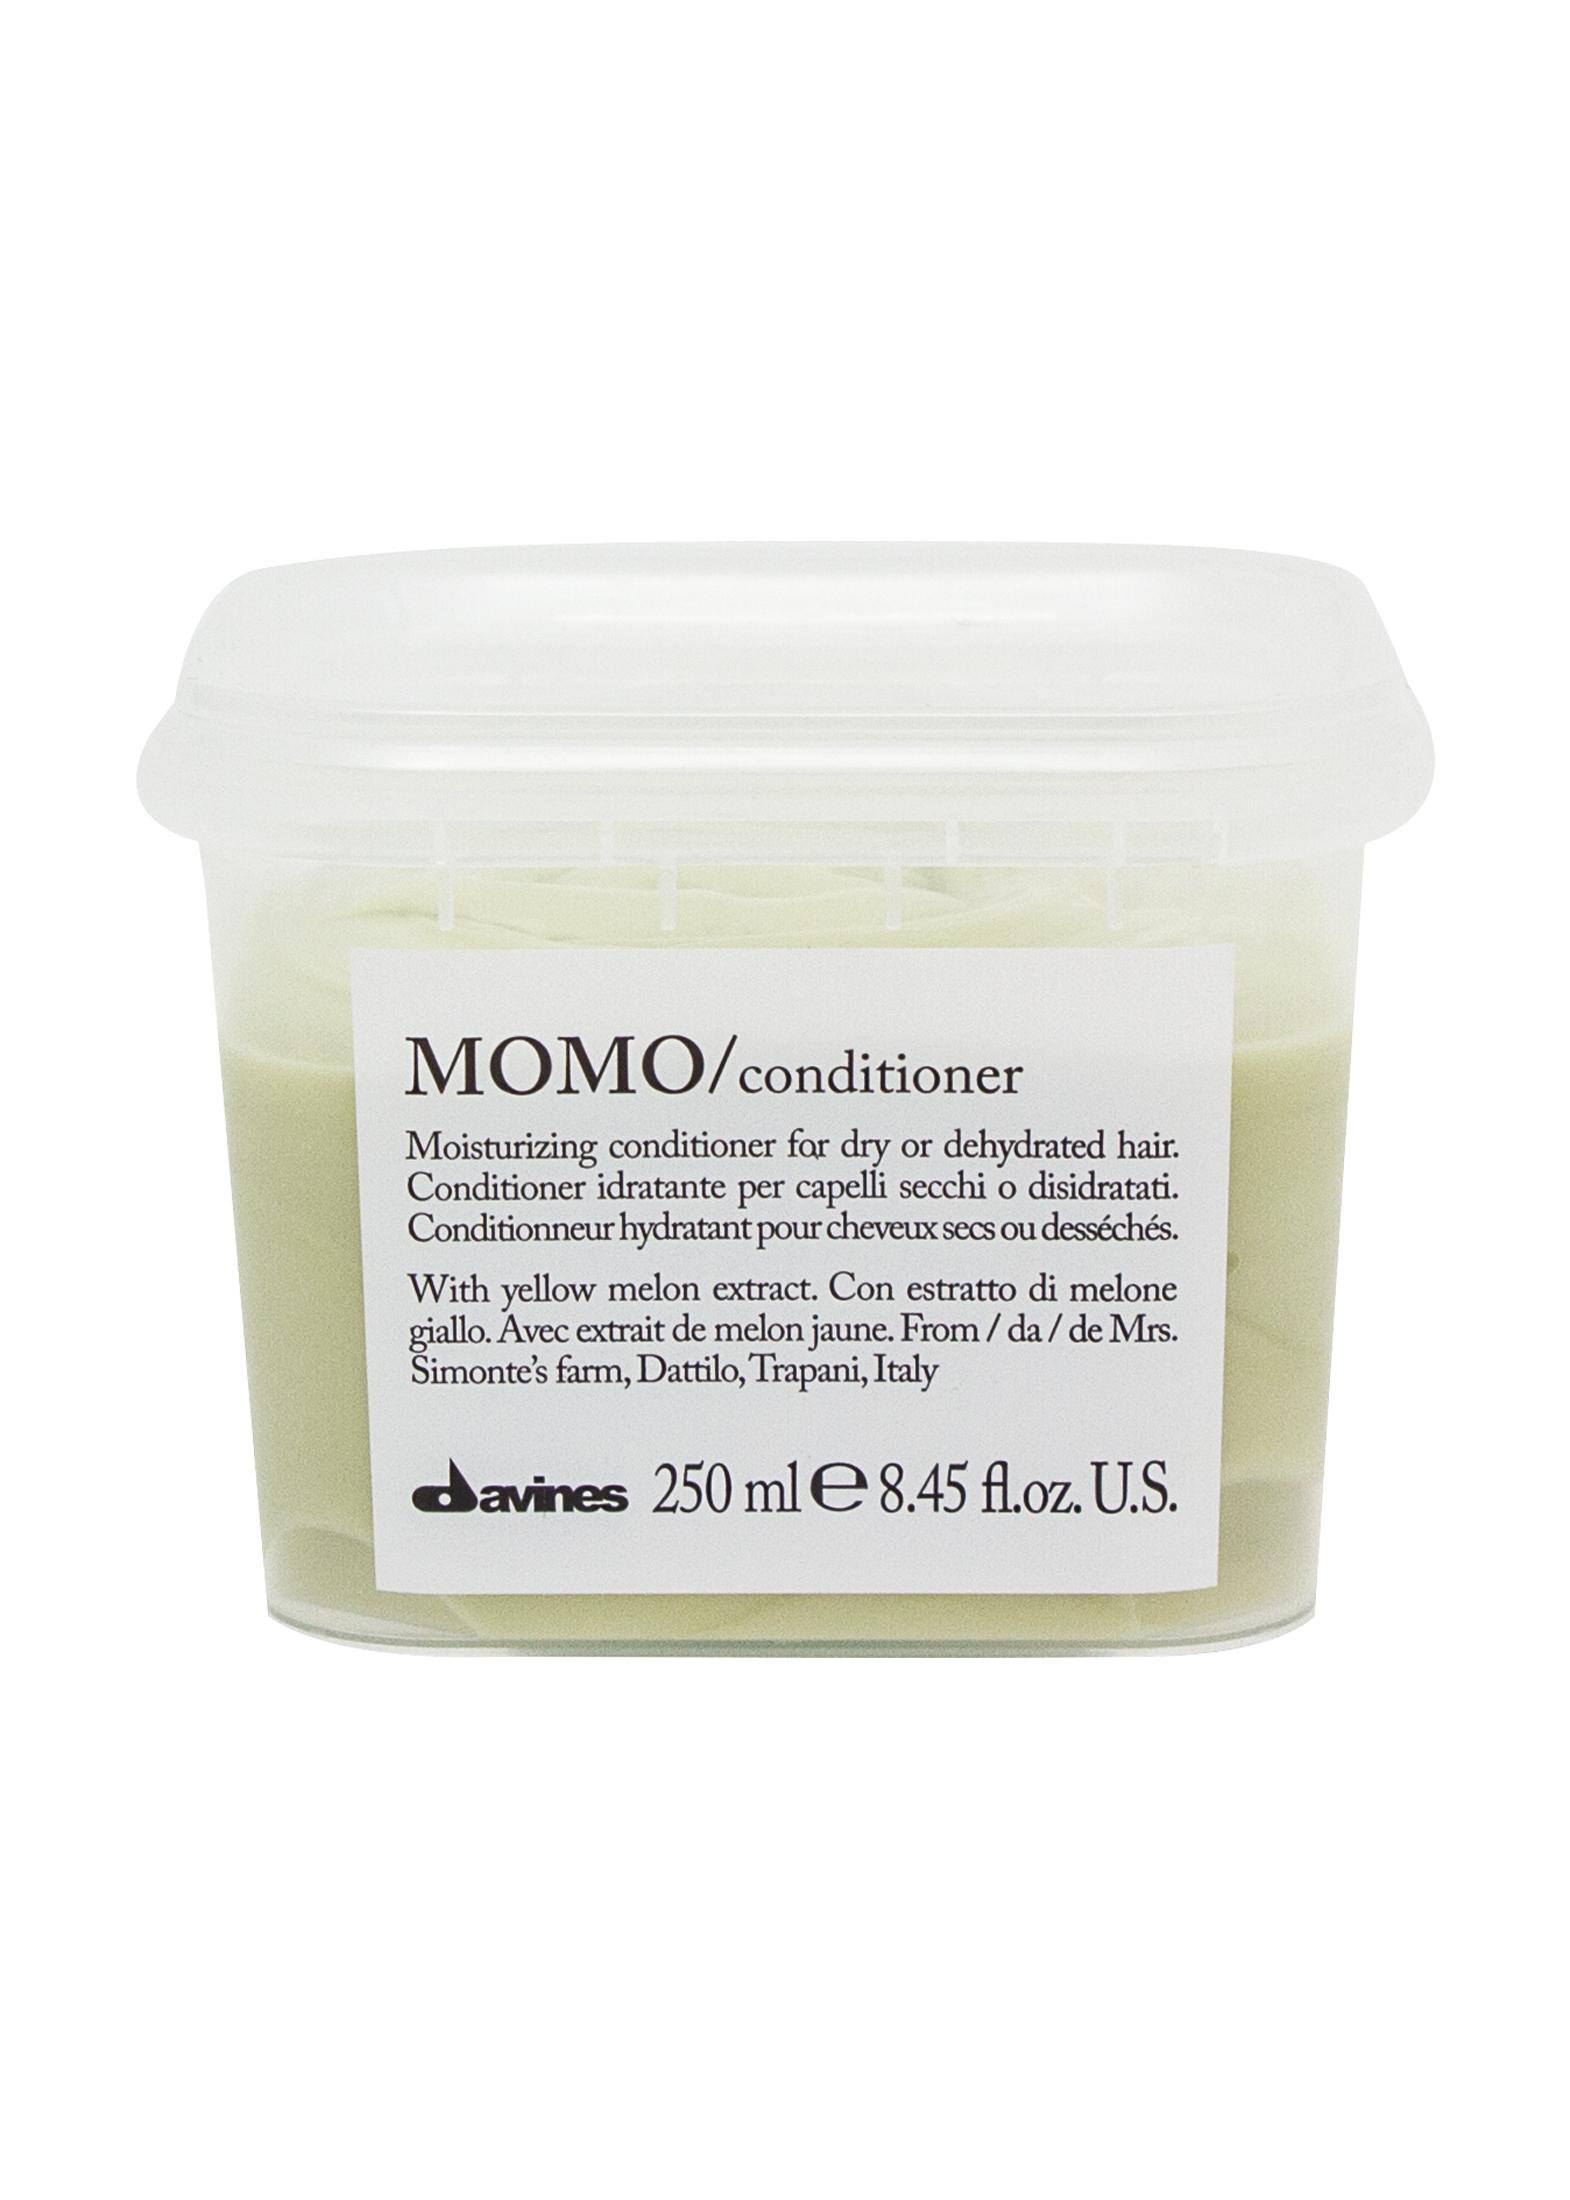 DEHC MOMO Conditioner 250ml image number 0